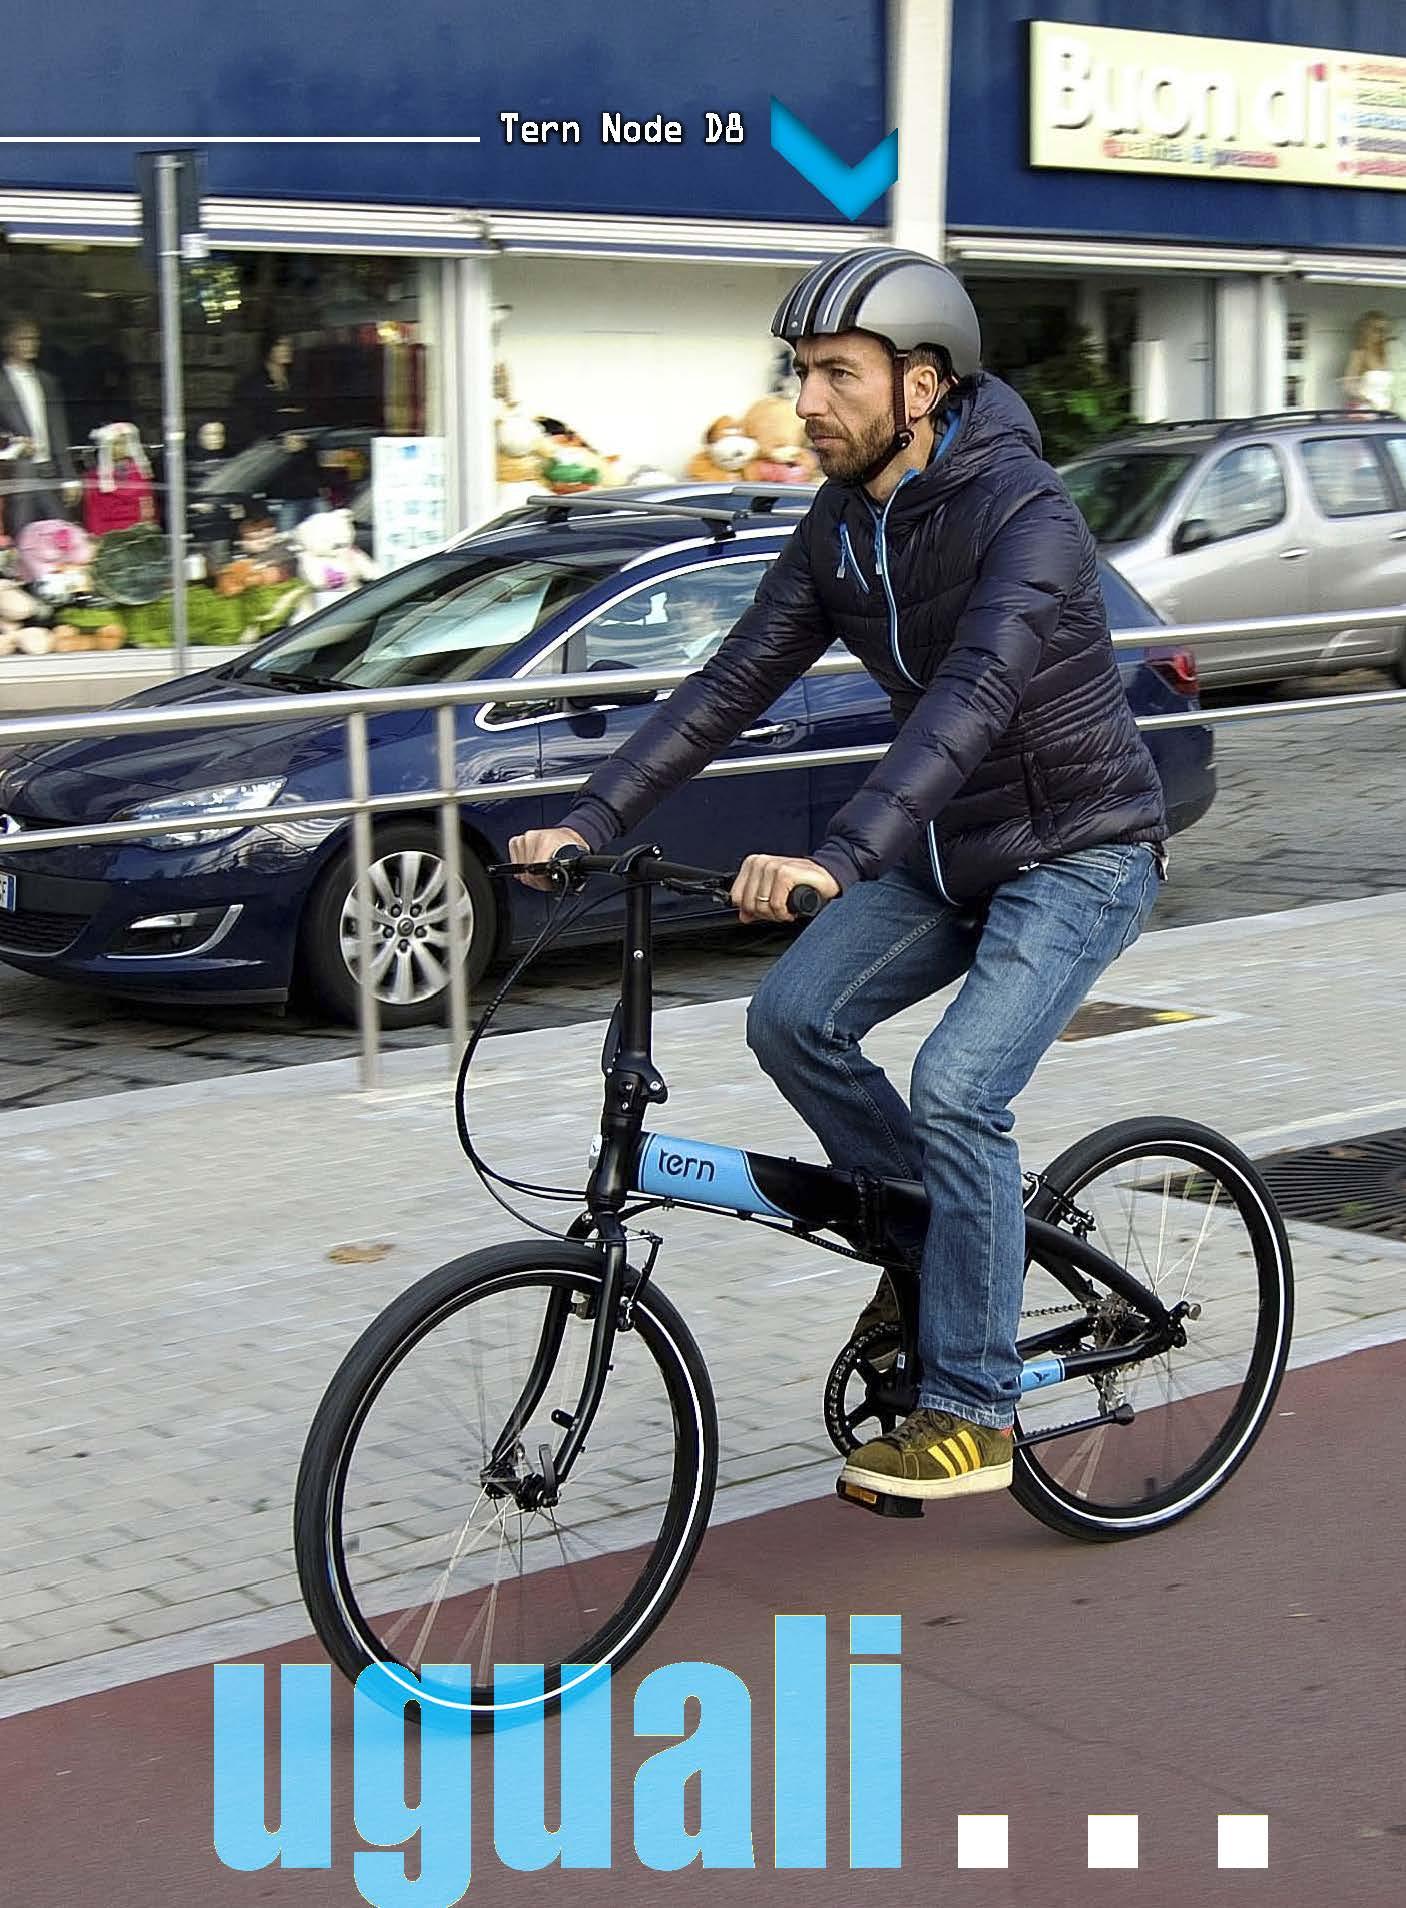 Tern Node D8 Tern Folding Bikes Worldwide